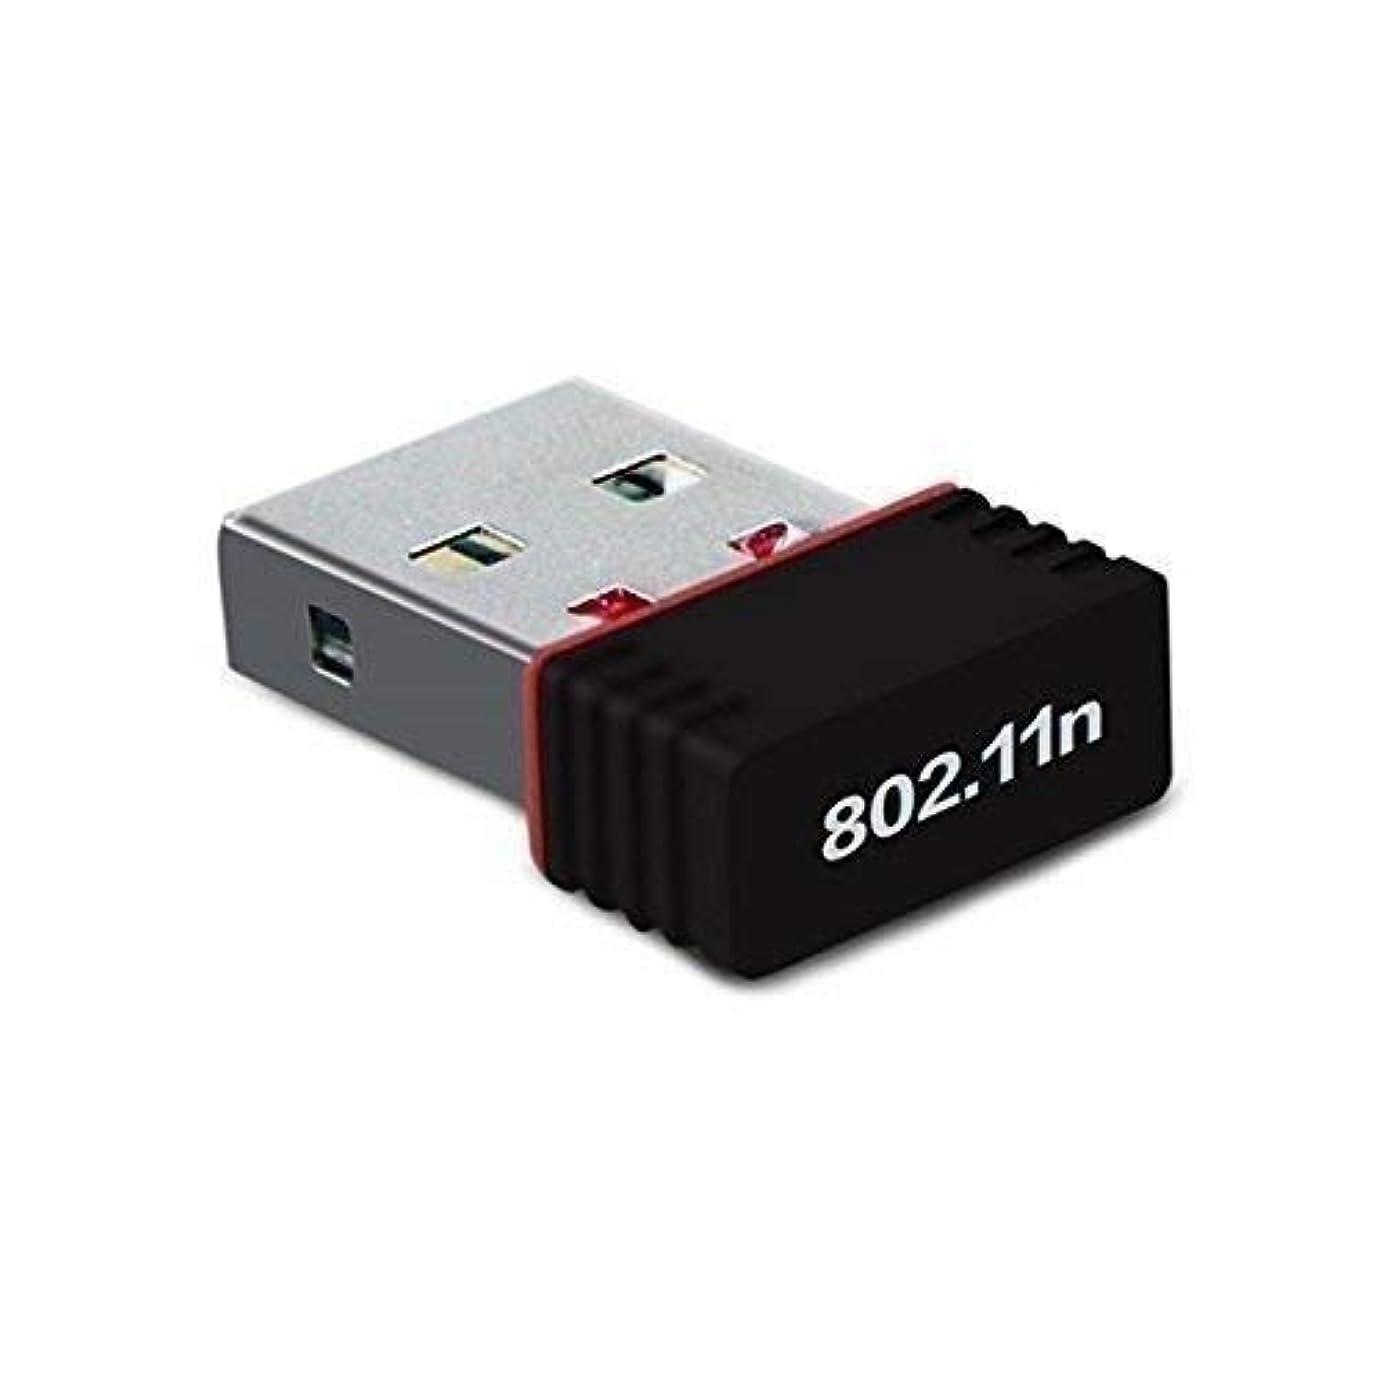 狂う縫い目間違えたYIYI USB2.0 WIFI 無線LAN 子機 親機 アダプタ 超小型 IEEE802.11n/g/bサポート USB WiFiネットワーク ワイヤレス接続